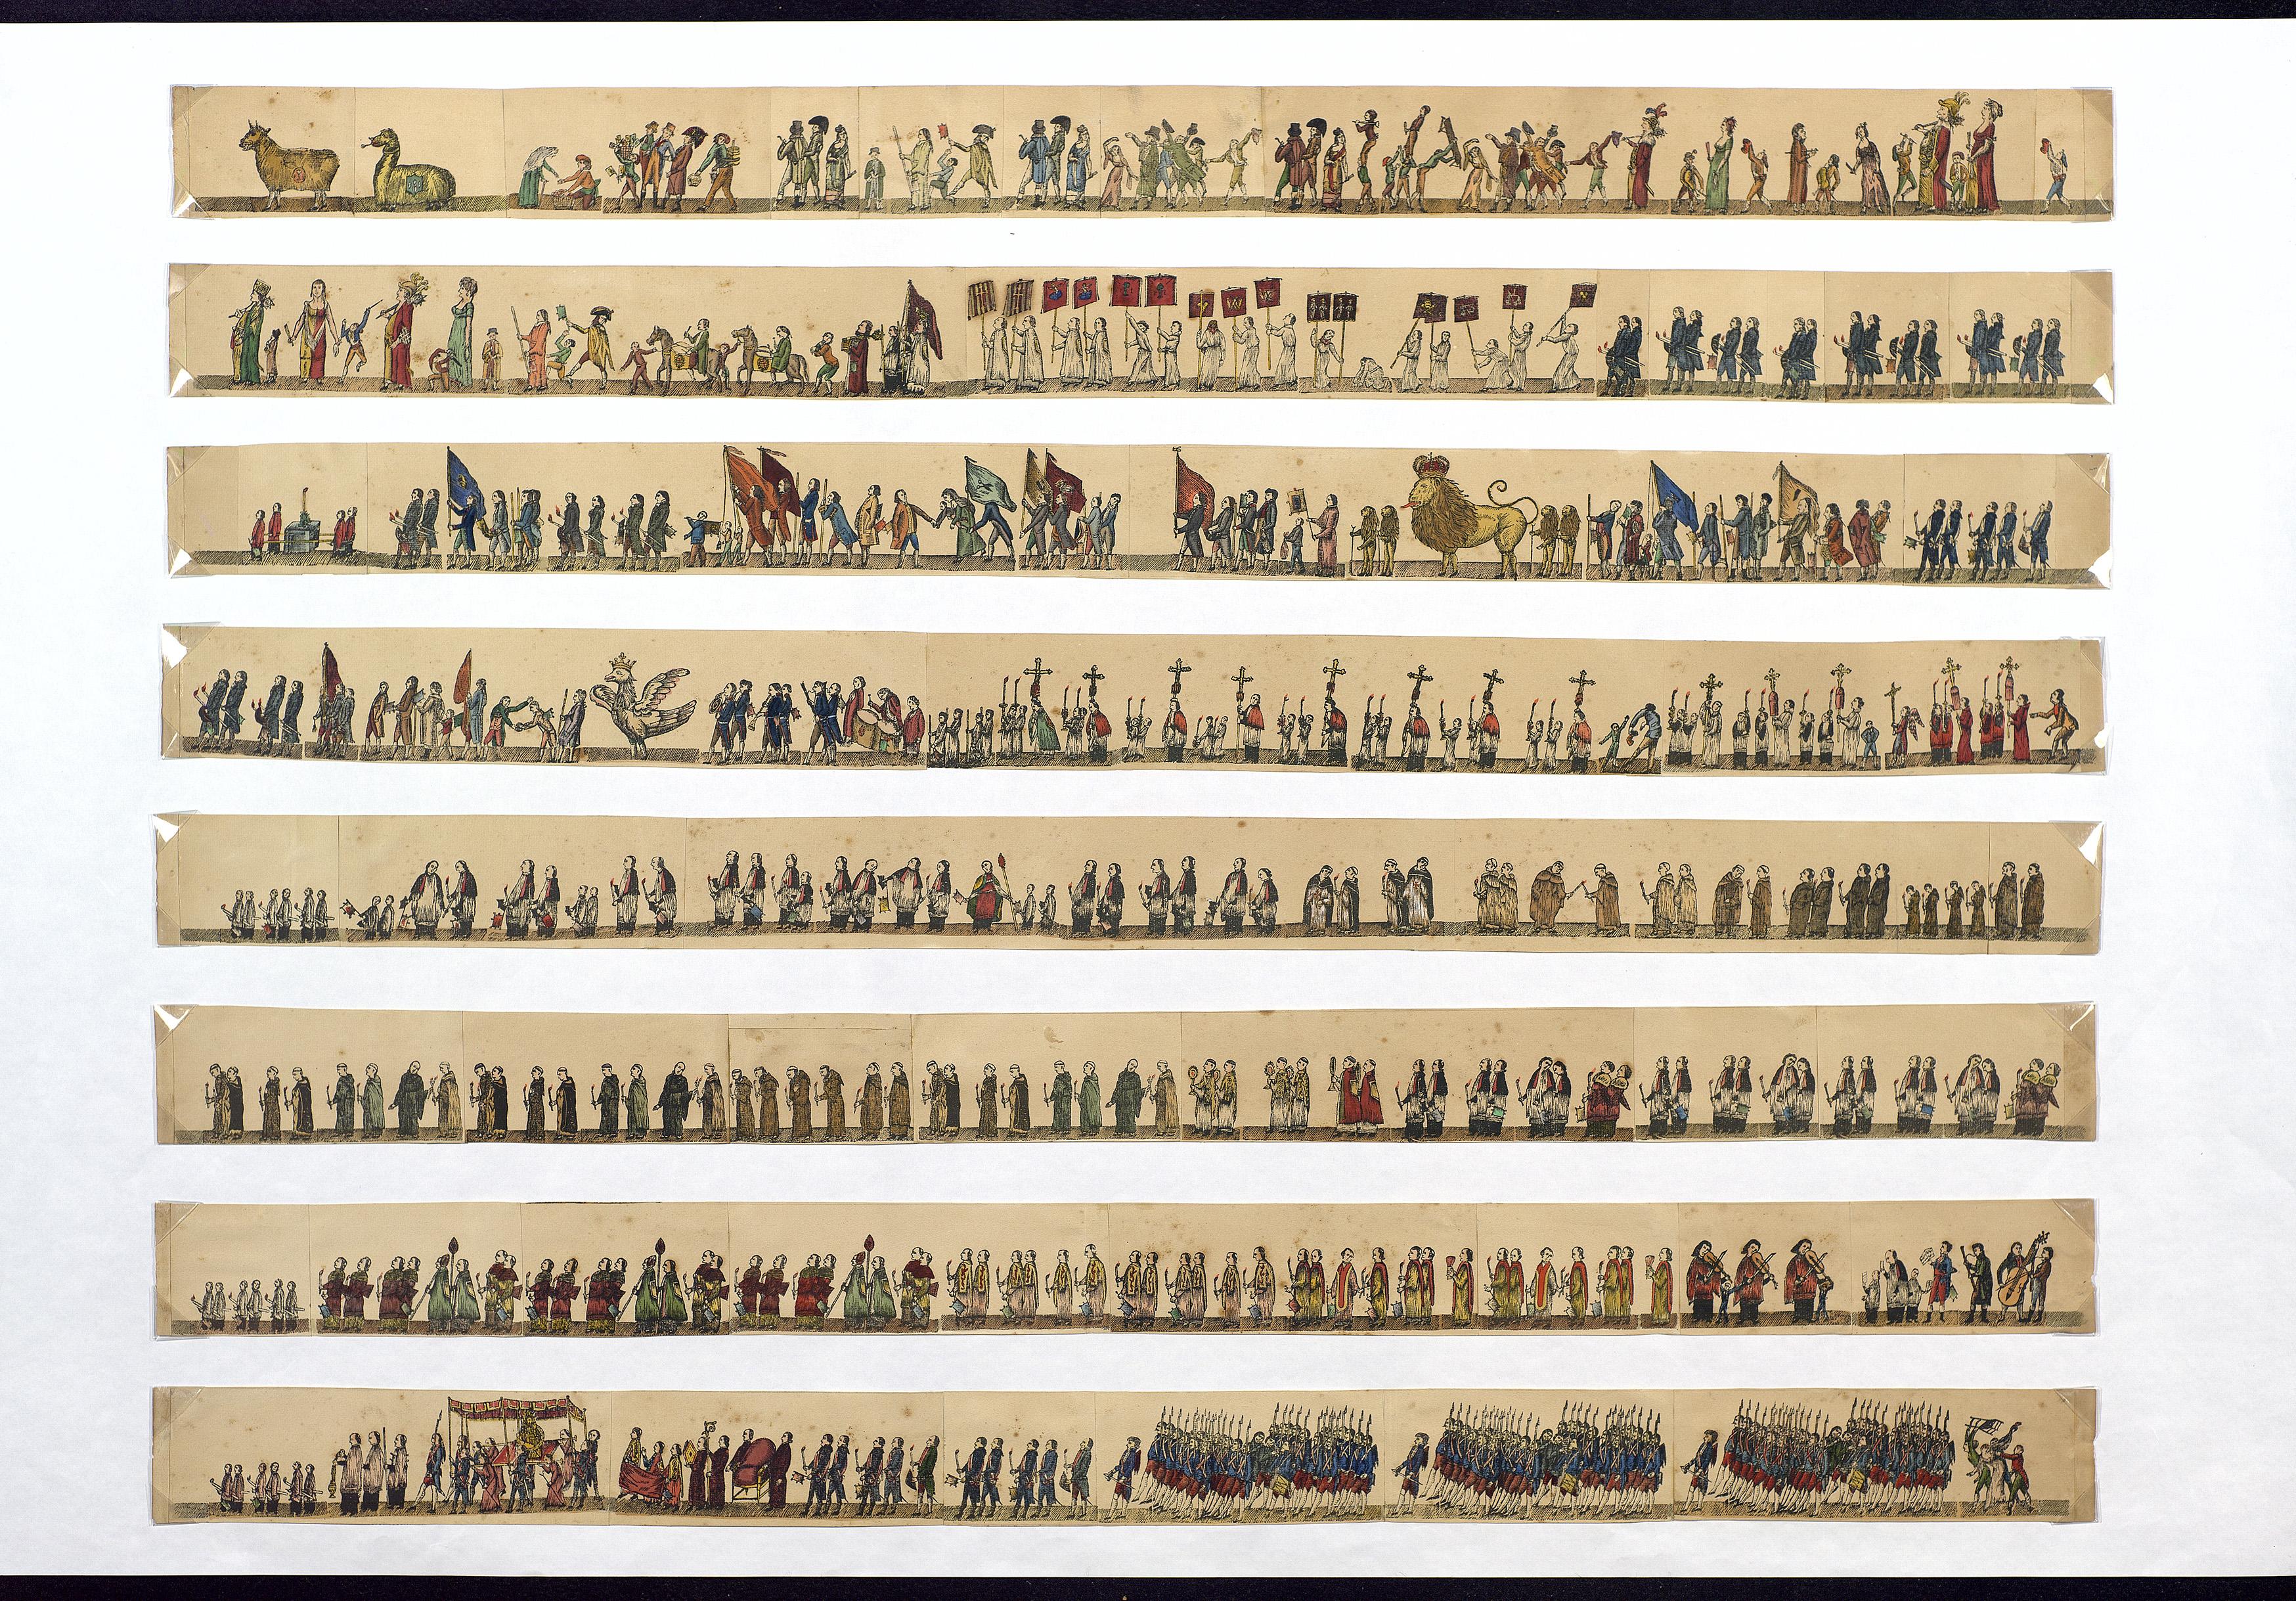 Full de rengle amb escenes de la processó de Corpus de la catedral al setcents.S'aprecia el bestiari espars, gegants i cavallets al segon rengle, confraries amb penons al tercer, l'àliga al quart, i la custòdia sota tàlem al vuitè. Referència AHCB 18597